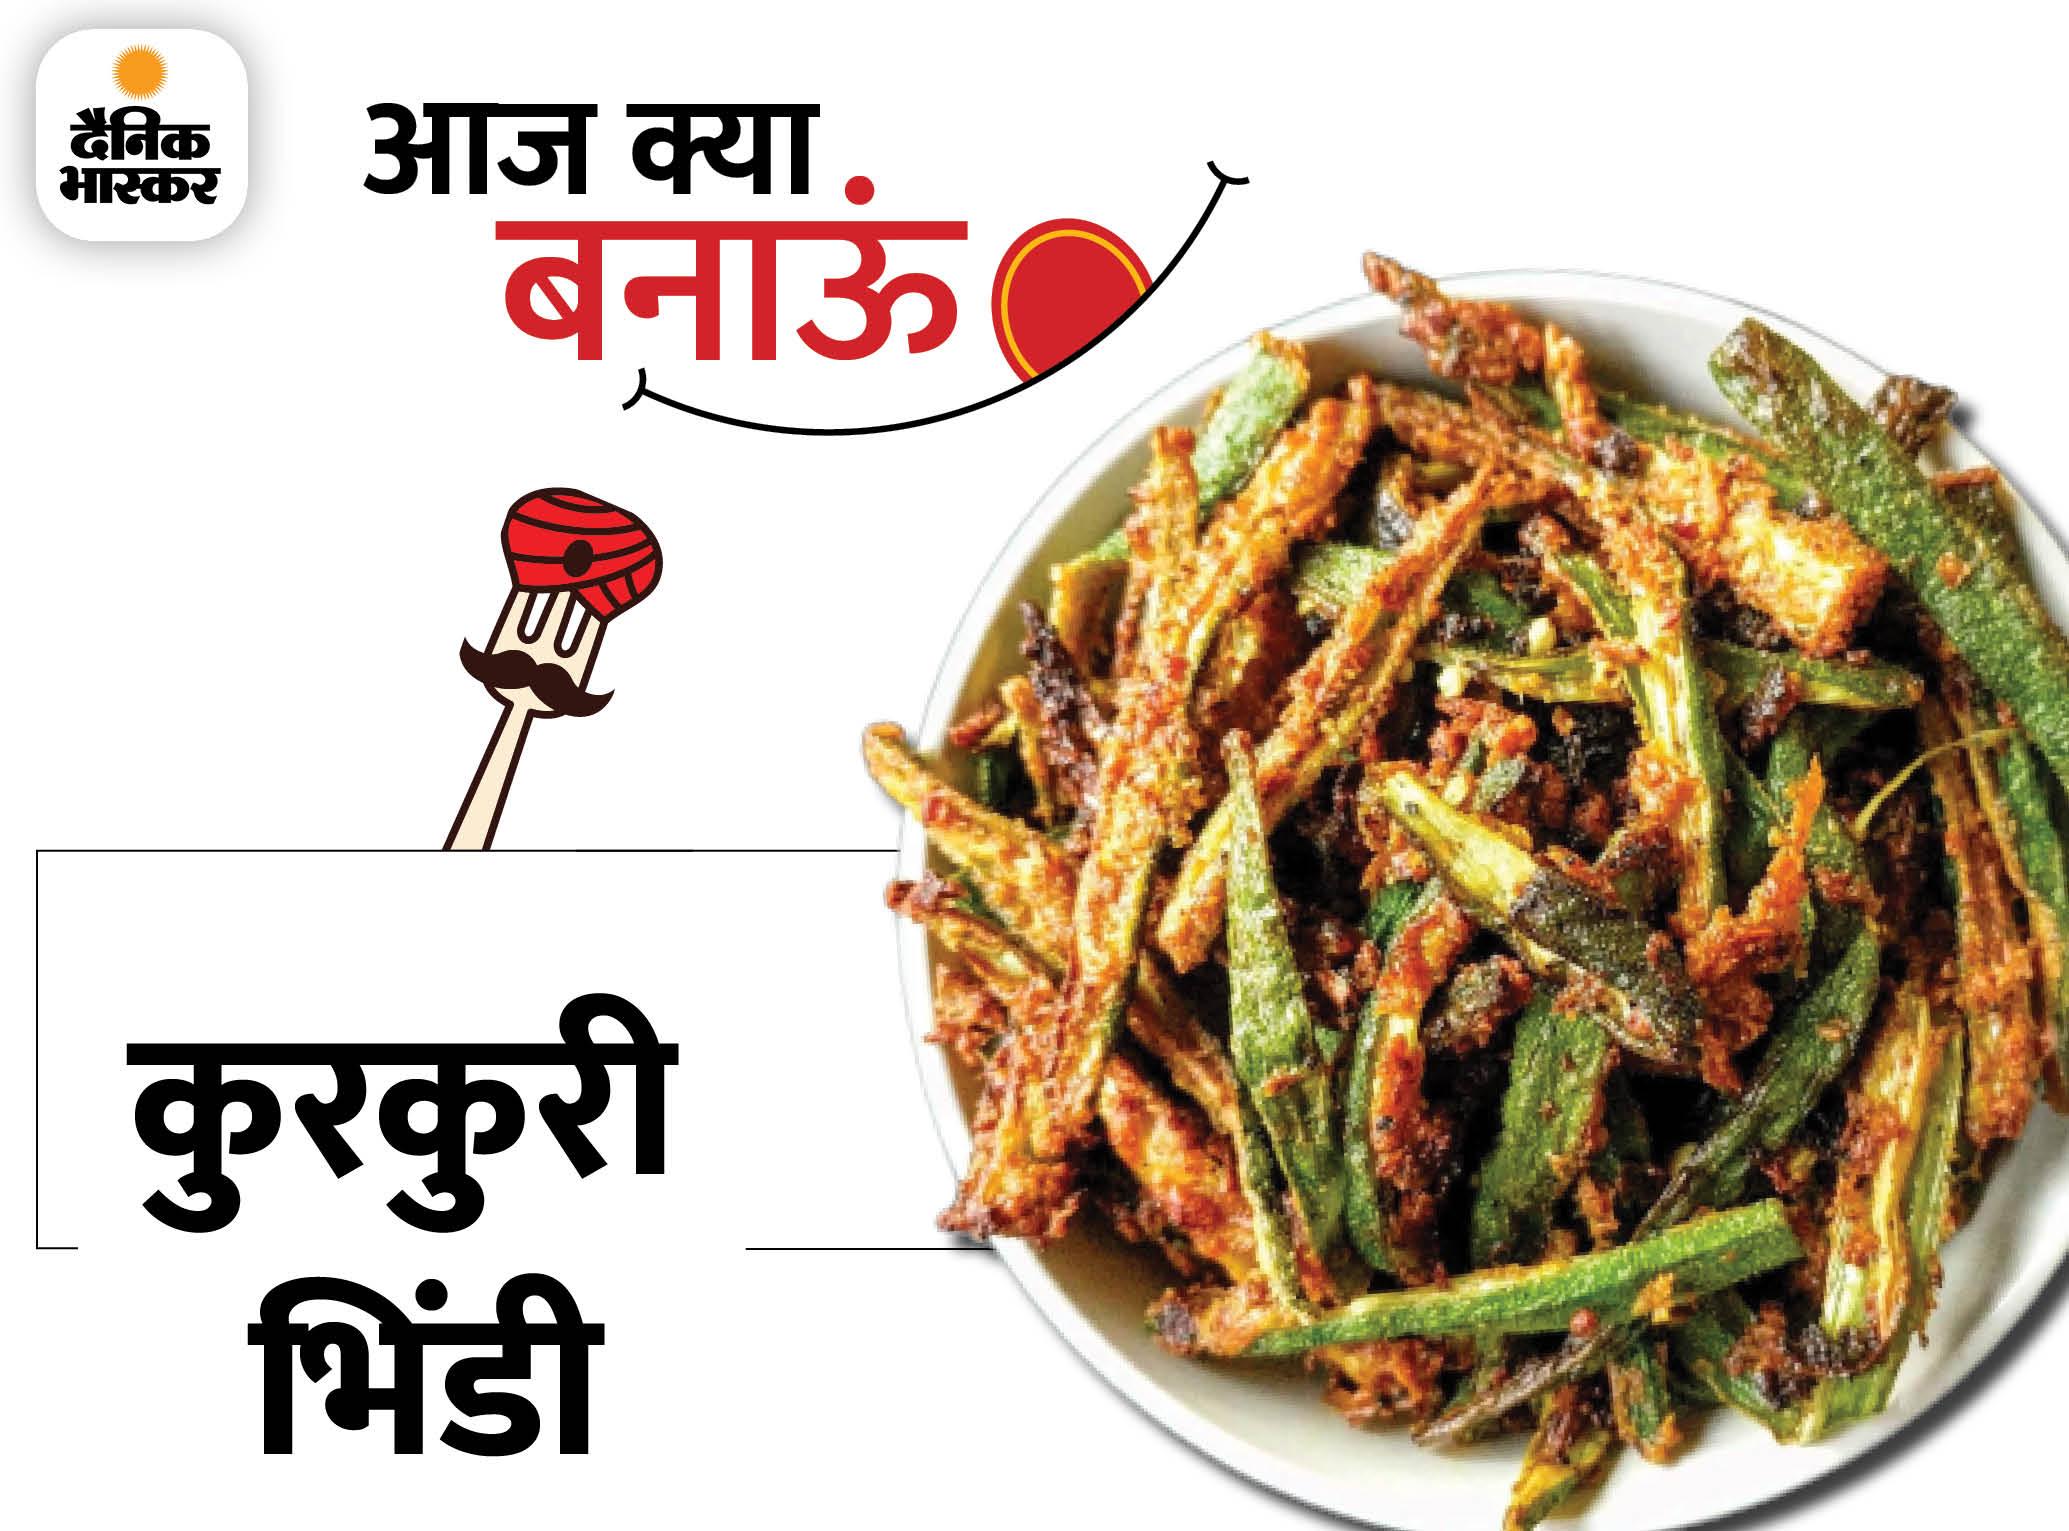 कुरकुरी भिंडी की आसान रेसिपी, बनने के इस पर नींबू का रस और चाट मसाला छिड़कें व गर्मागर्म सर्व करें|लाइफस्टाइल,Lifestyle - Dainik Bhaskar